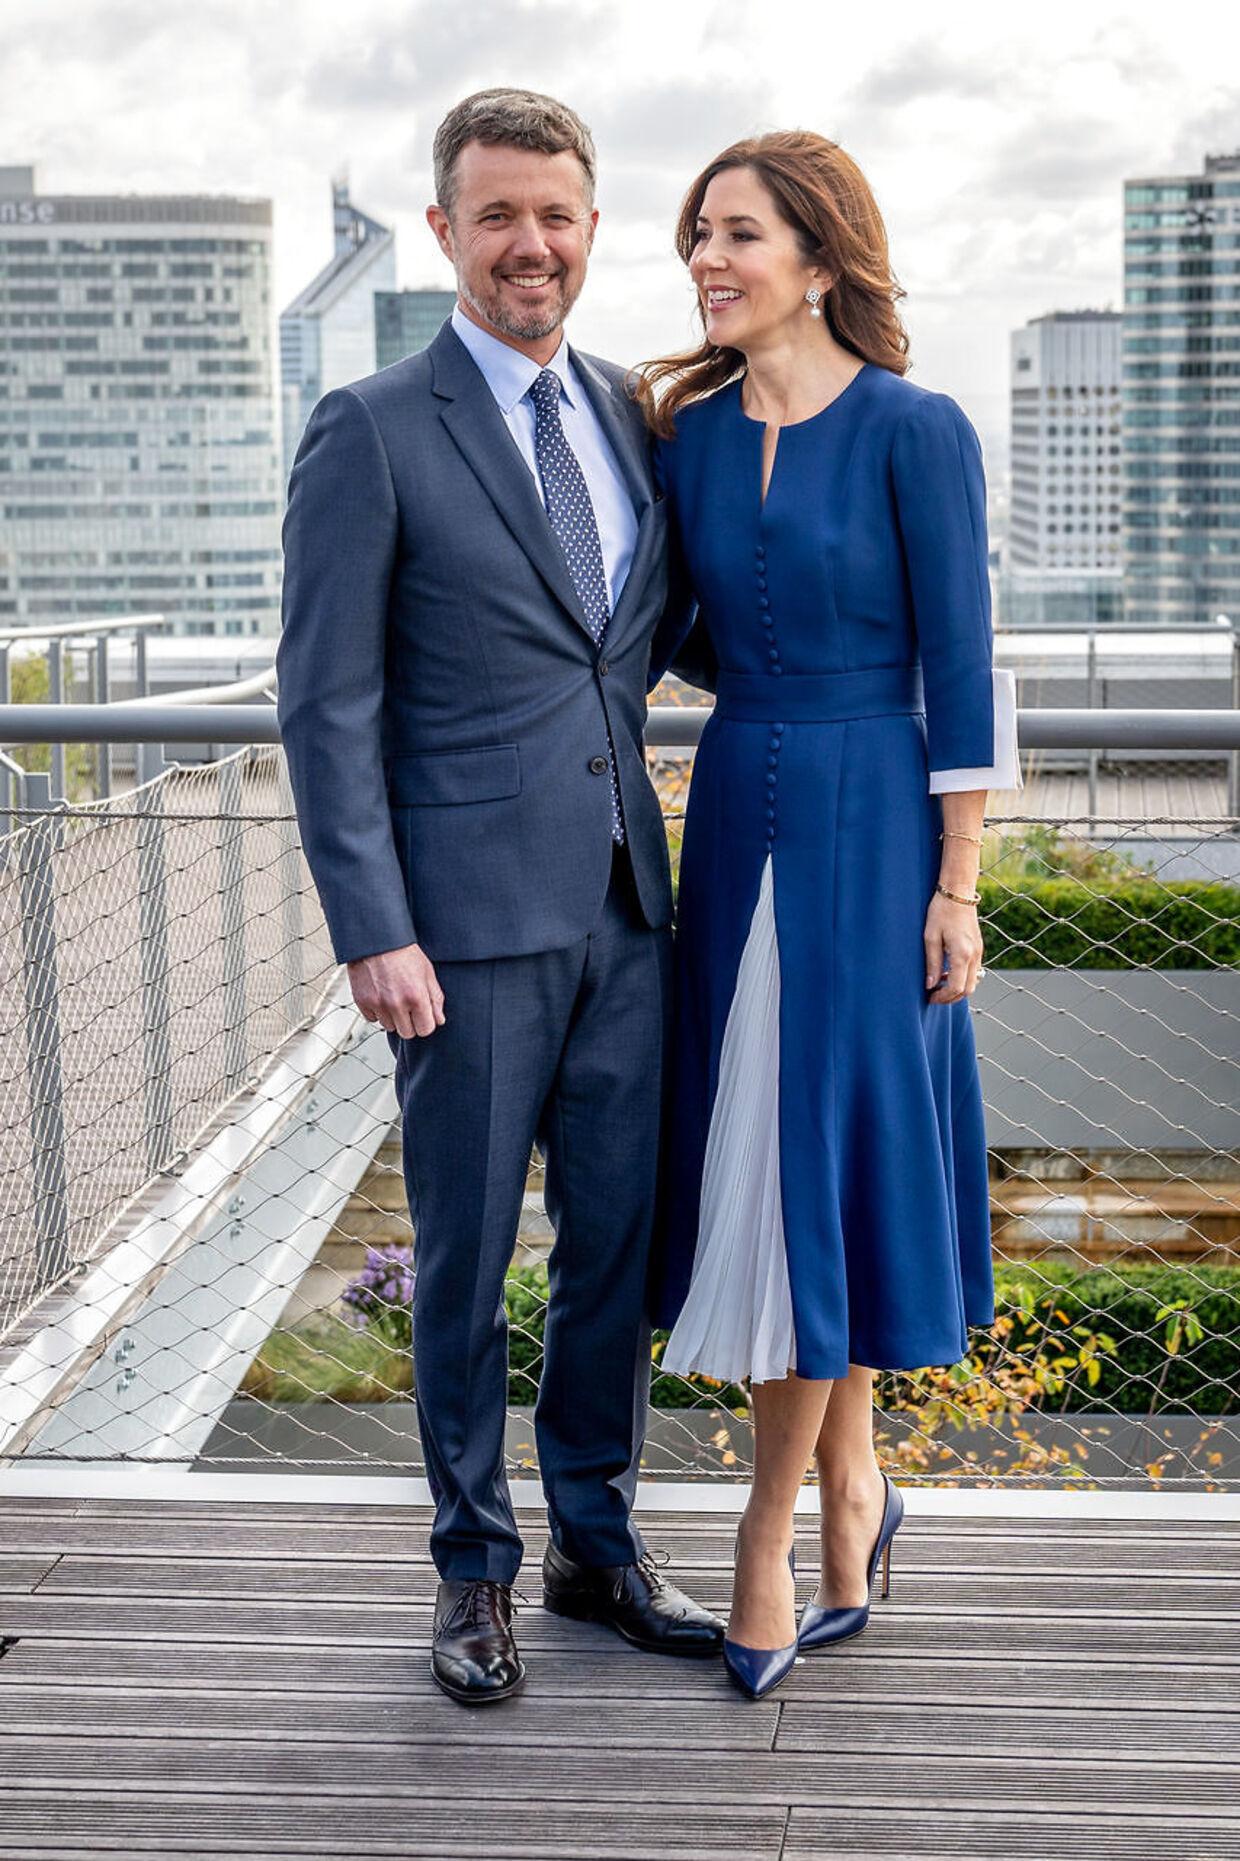 Da parret i efteråret 2019 var på officielt besøg i Paris var den Kronprinsessen som altid et stilikon og en værdig repræsentant for Danmark.